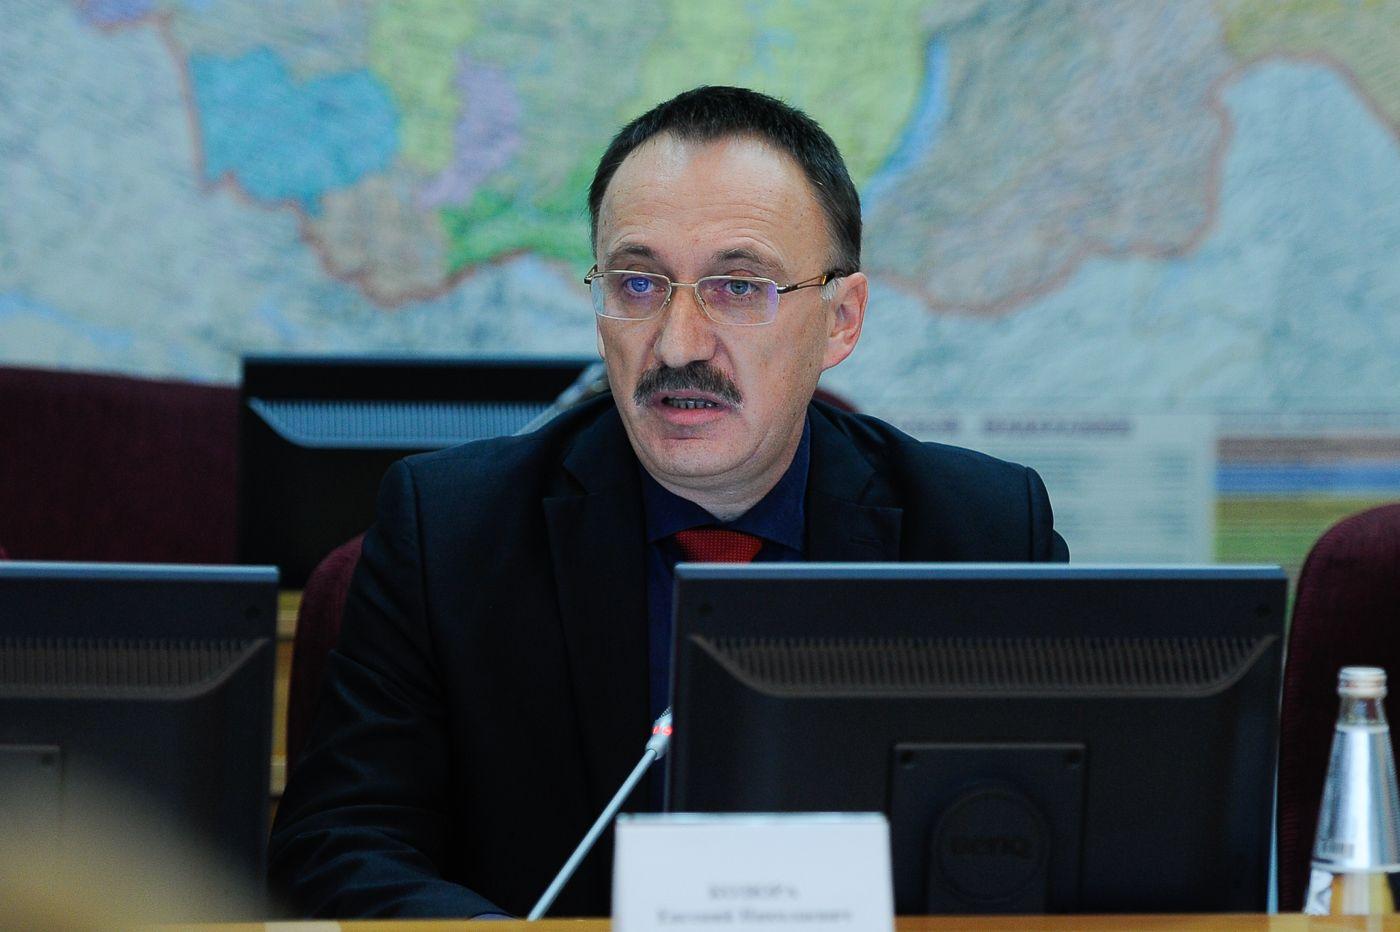 Губернатор Ставрополья: беспокойство недолжно помешать выпускникам сдавать ЕГЭ